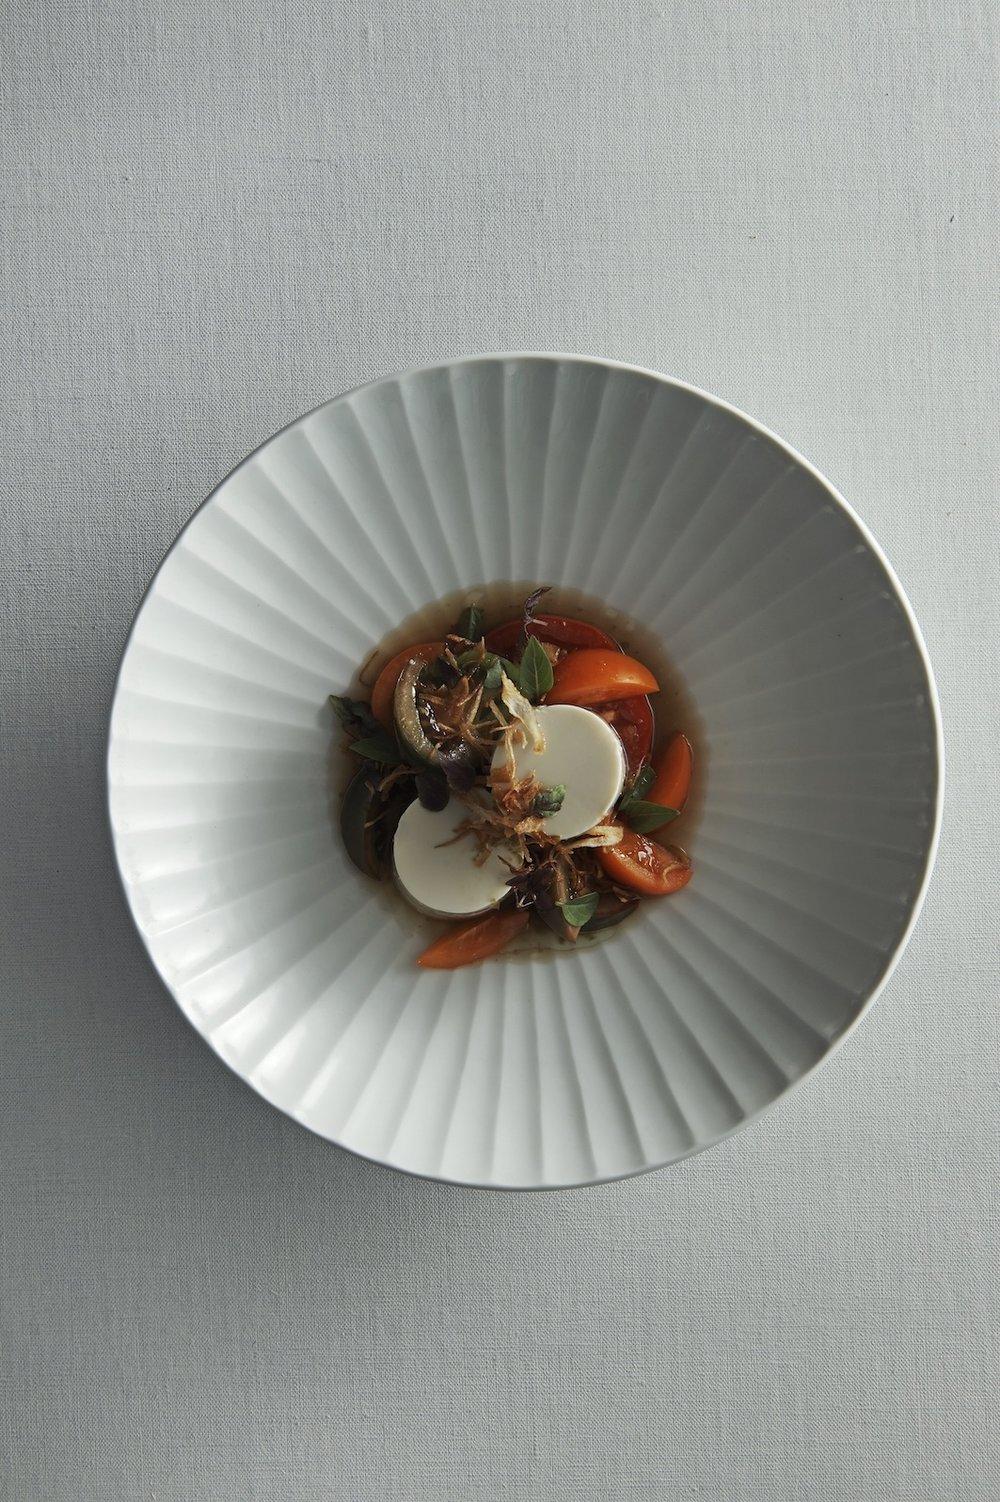 Tomato+web.jpeg